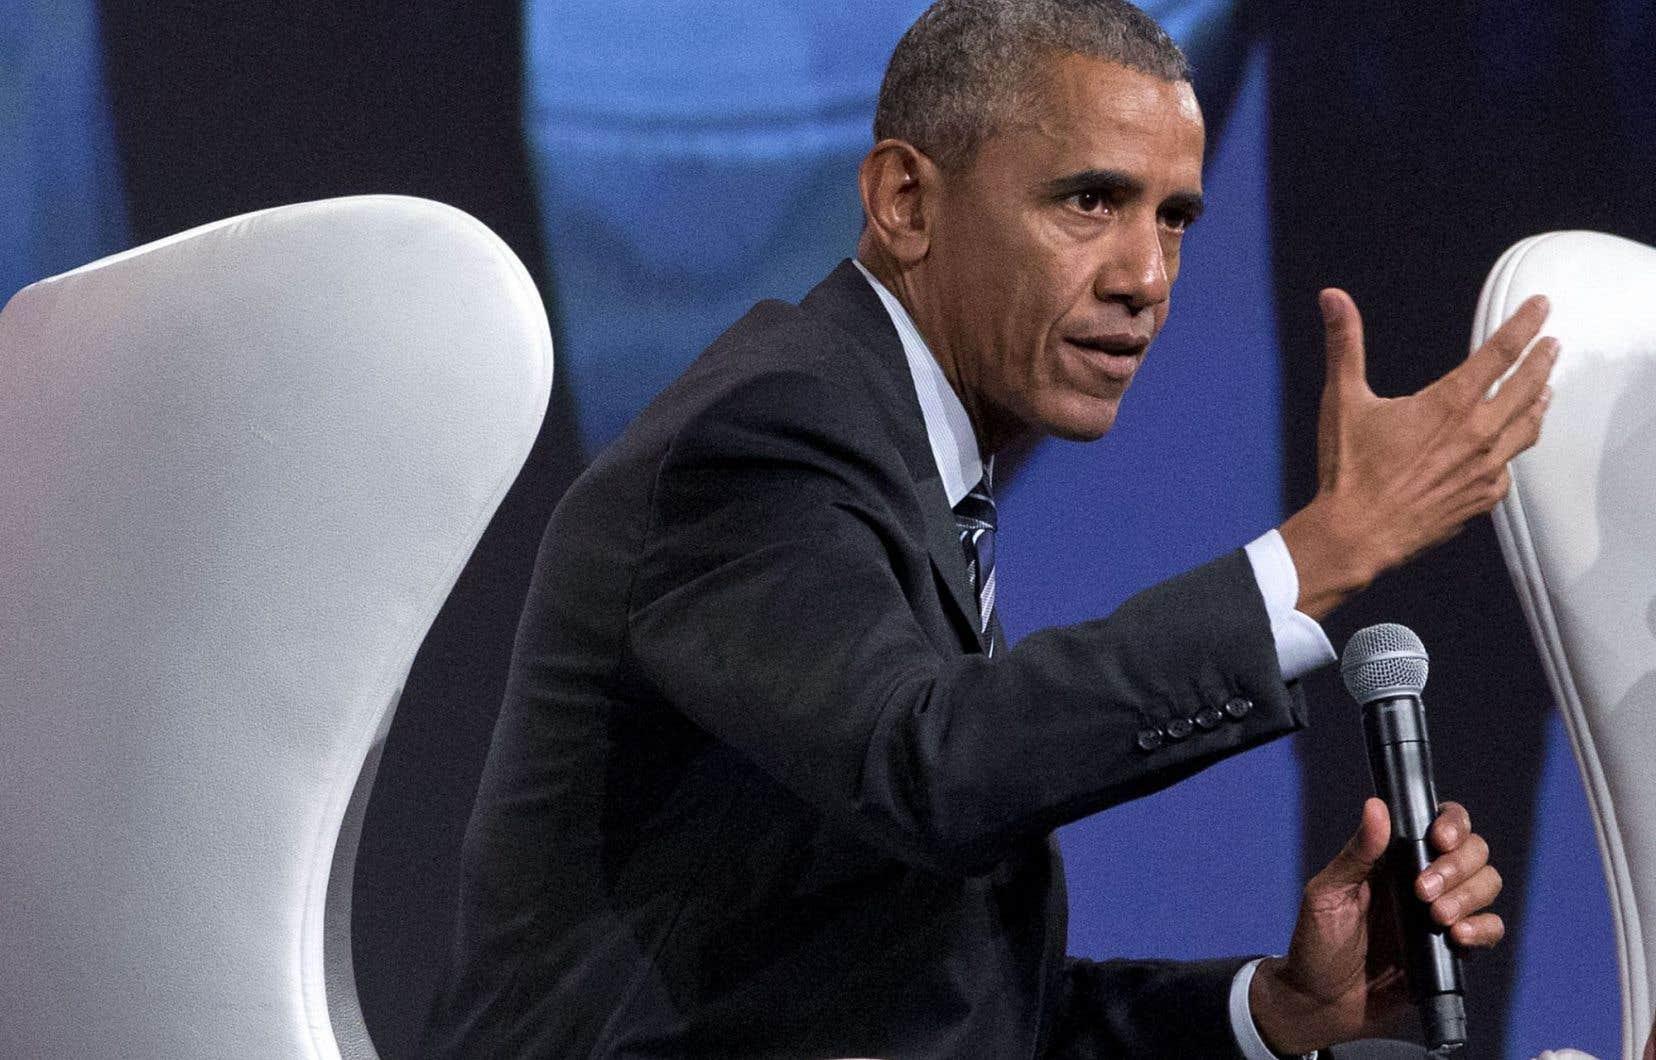 L'ex-président américain Barack Obama s'est adressé à une foule d'environ 6000 personnes au Palais des congrès.